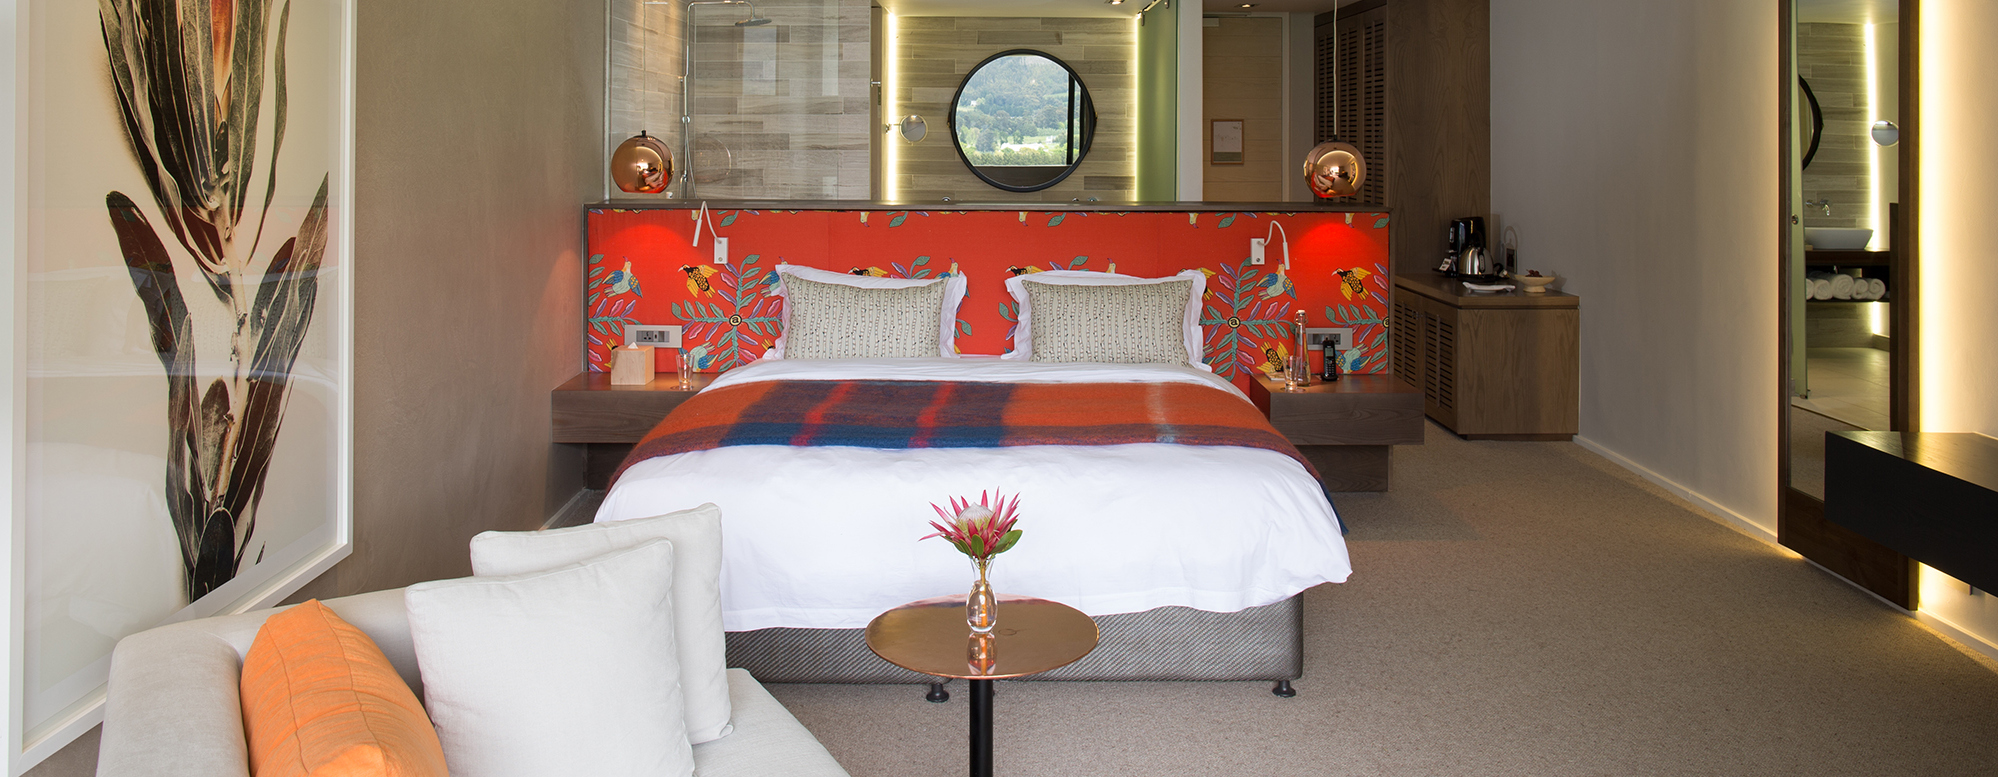 mont-rochelle-cabernet-room